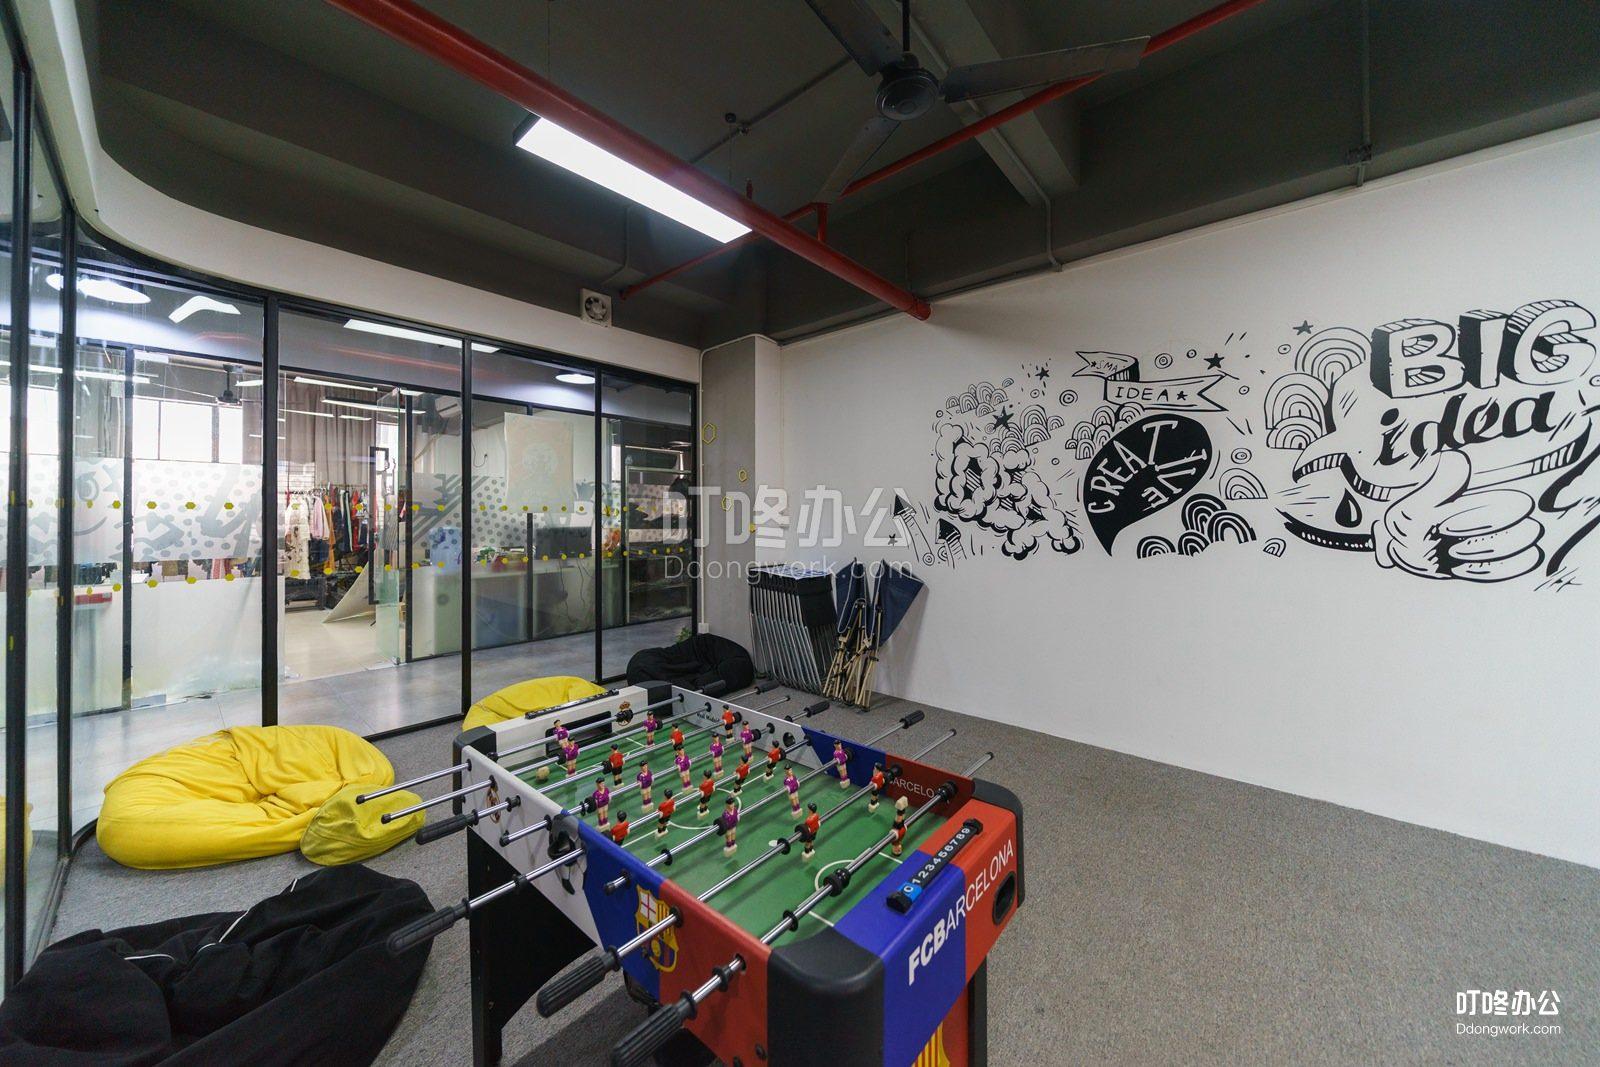 深圳yeswedo蜂巢社区•优客工场